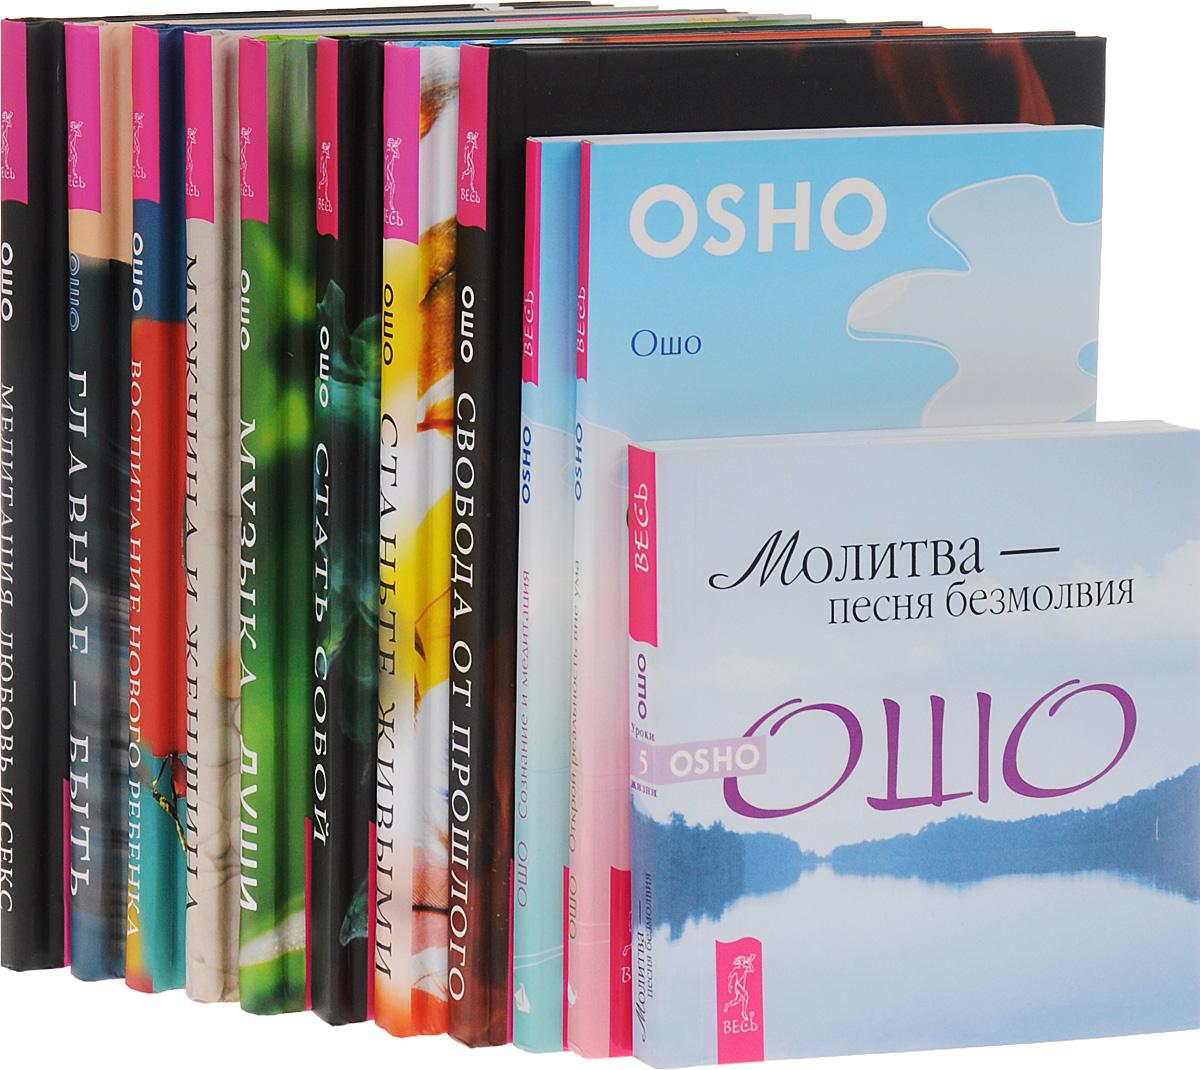 Уроки жизни (комплект из 11 книг). Ошо